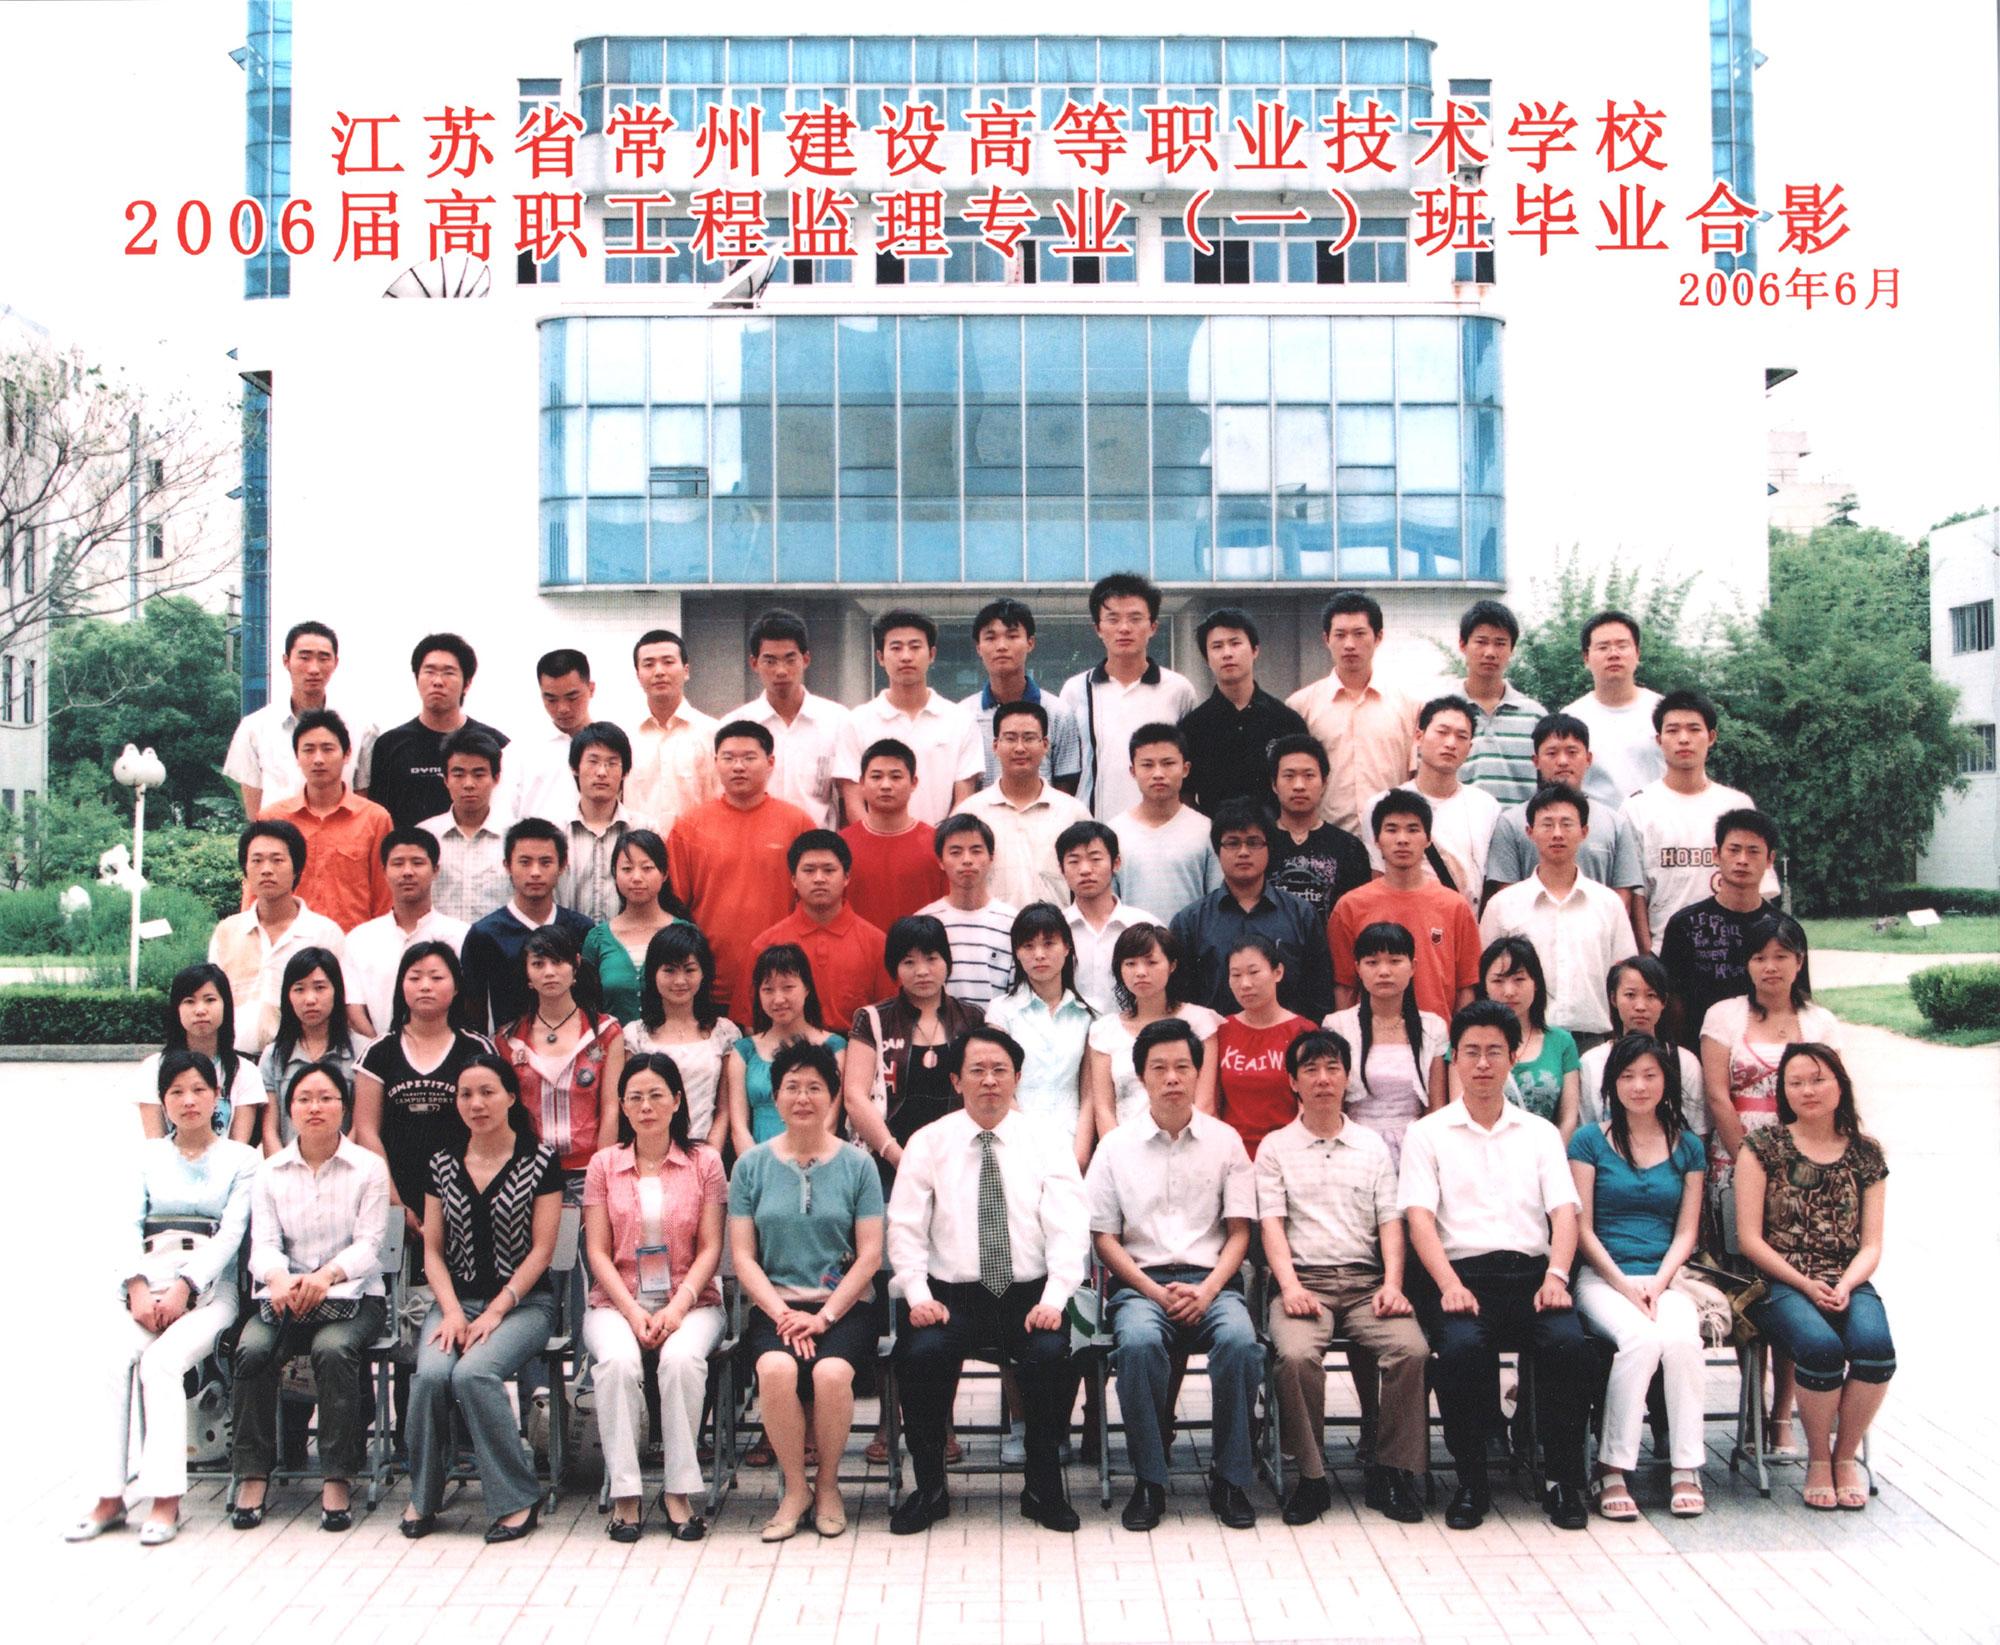 2006届高职工程监理专业(一)班...